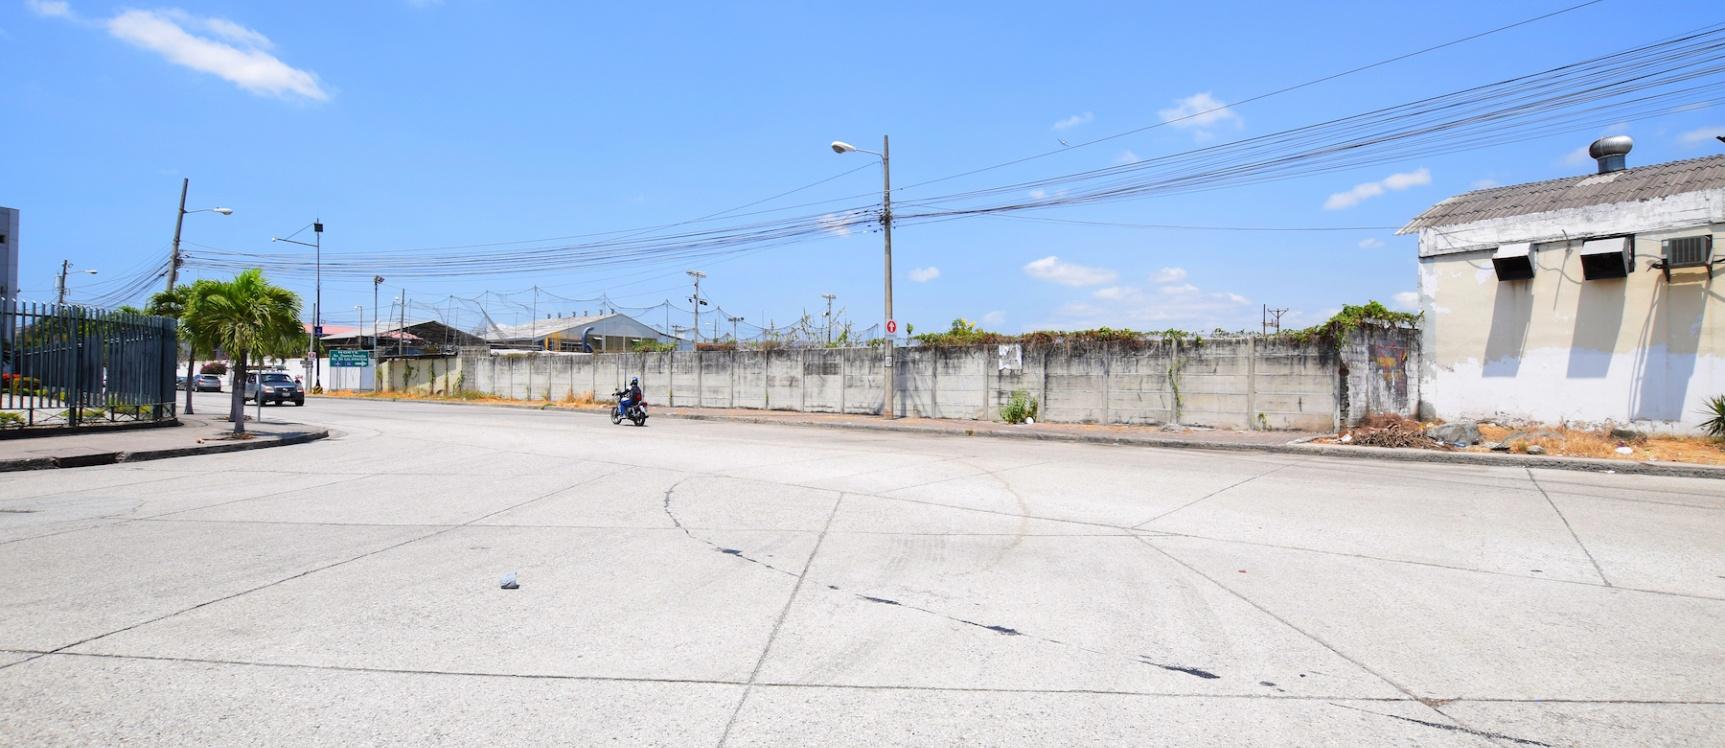 GeoBienes - Terreno en alquiler ubicado en La Atarazana, Norte de Guayaquil - Plusvalia Guayaquil Casas de venta y alquiler Inmobiliaria Ecuador